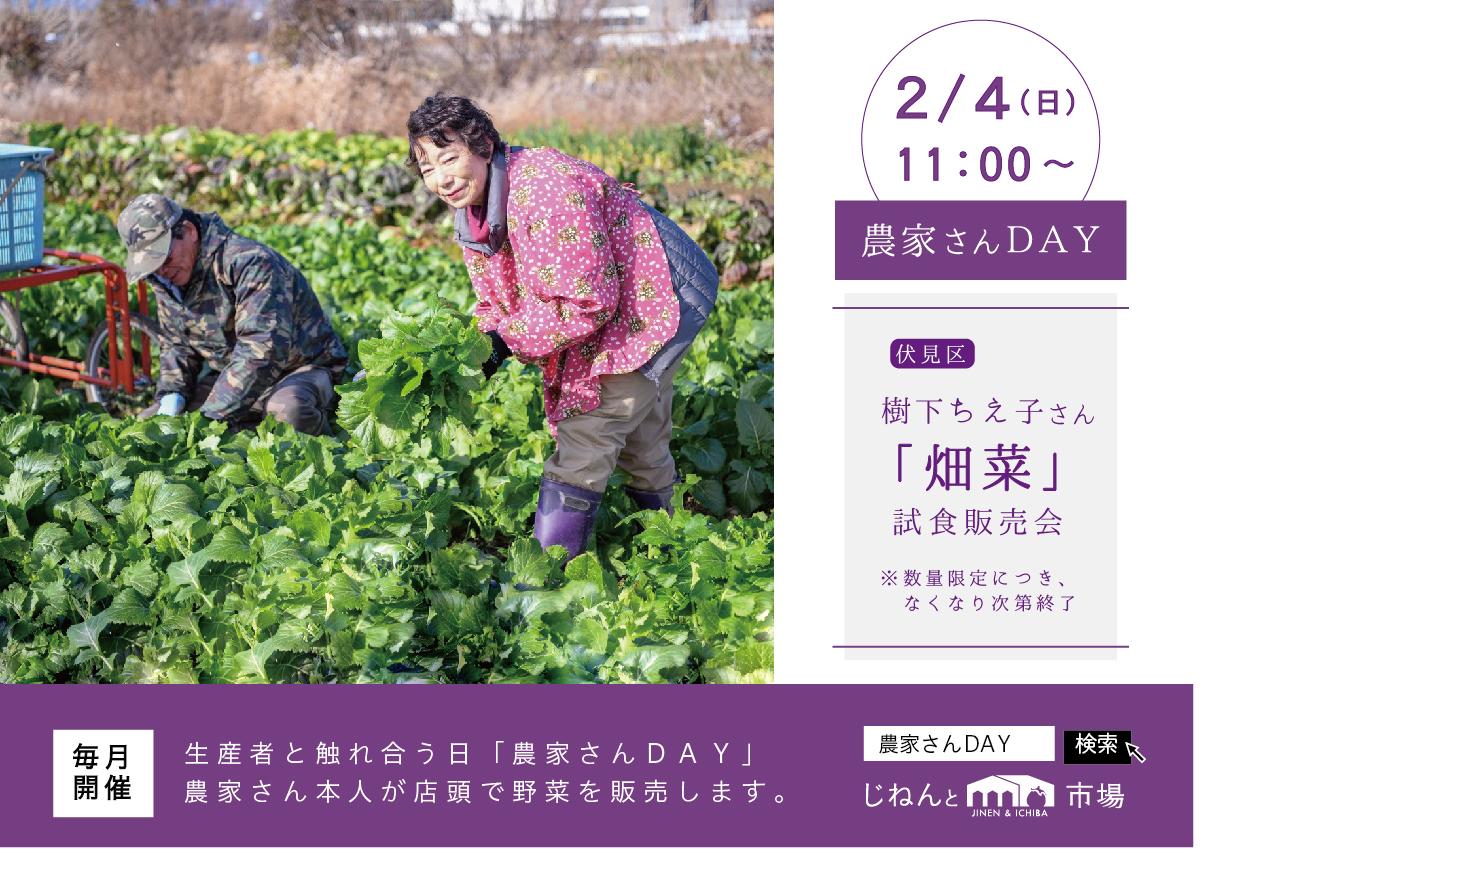 2月4日 農家さんDAY!!